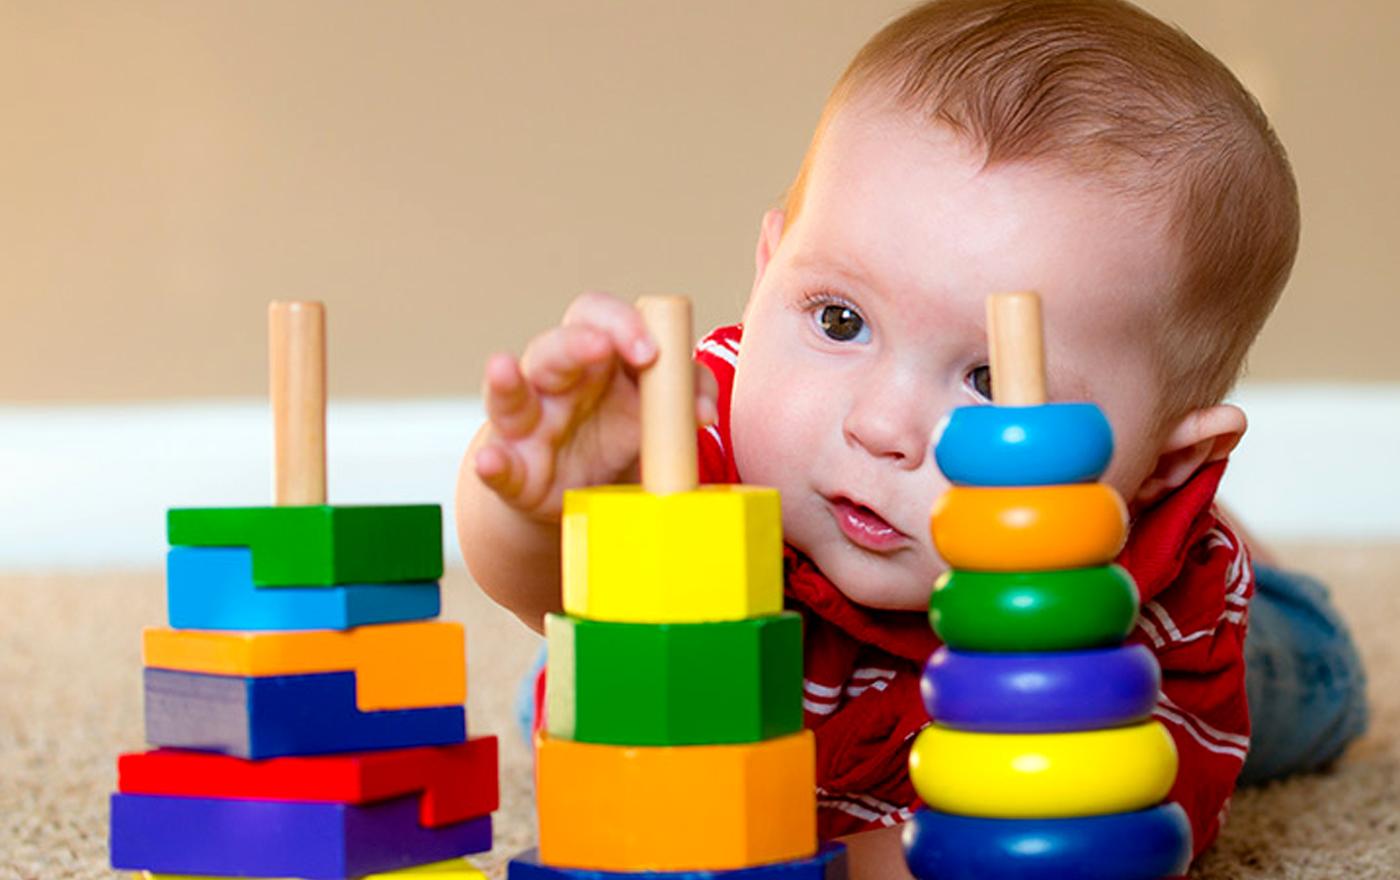 تقویت هوش نوزاد با ۶ راهکار هوشمندانه